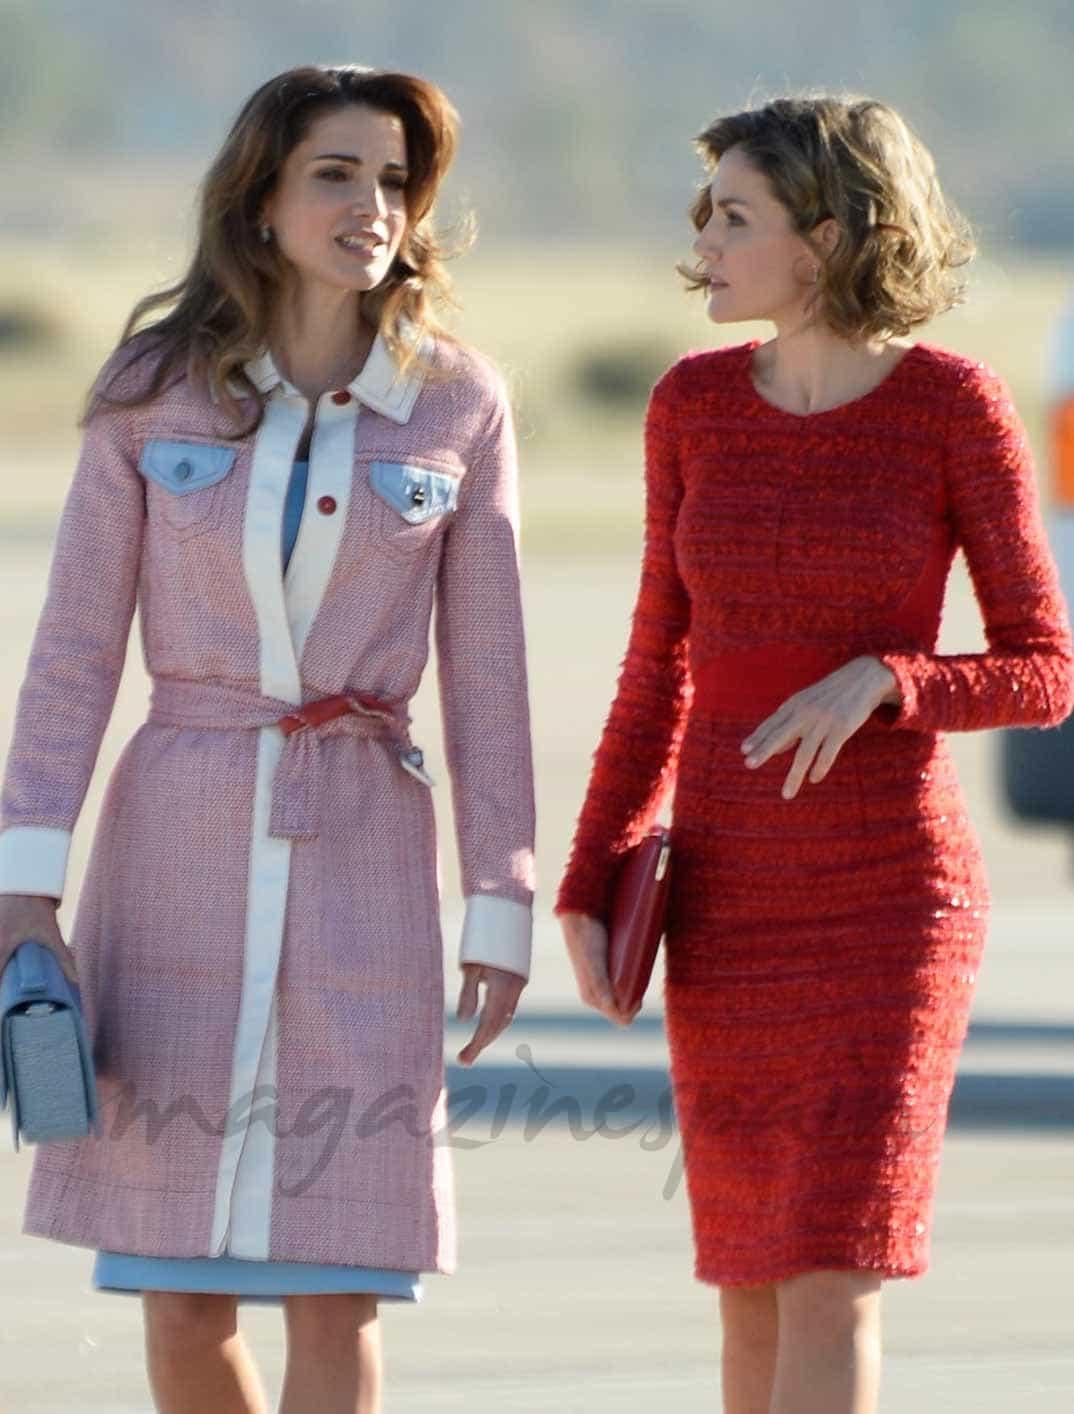 reinas-letizia-y-rania- compiten en elegancia